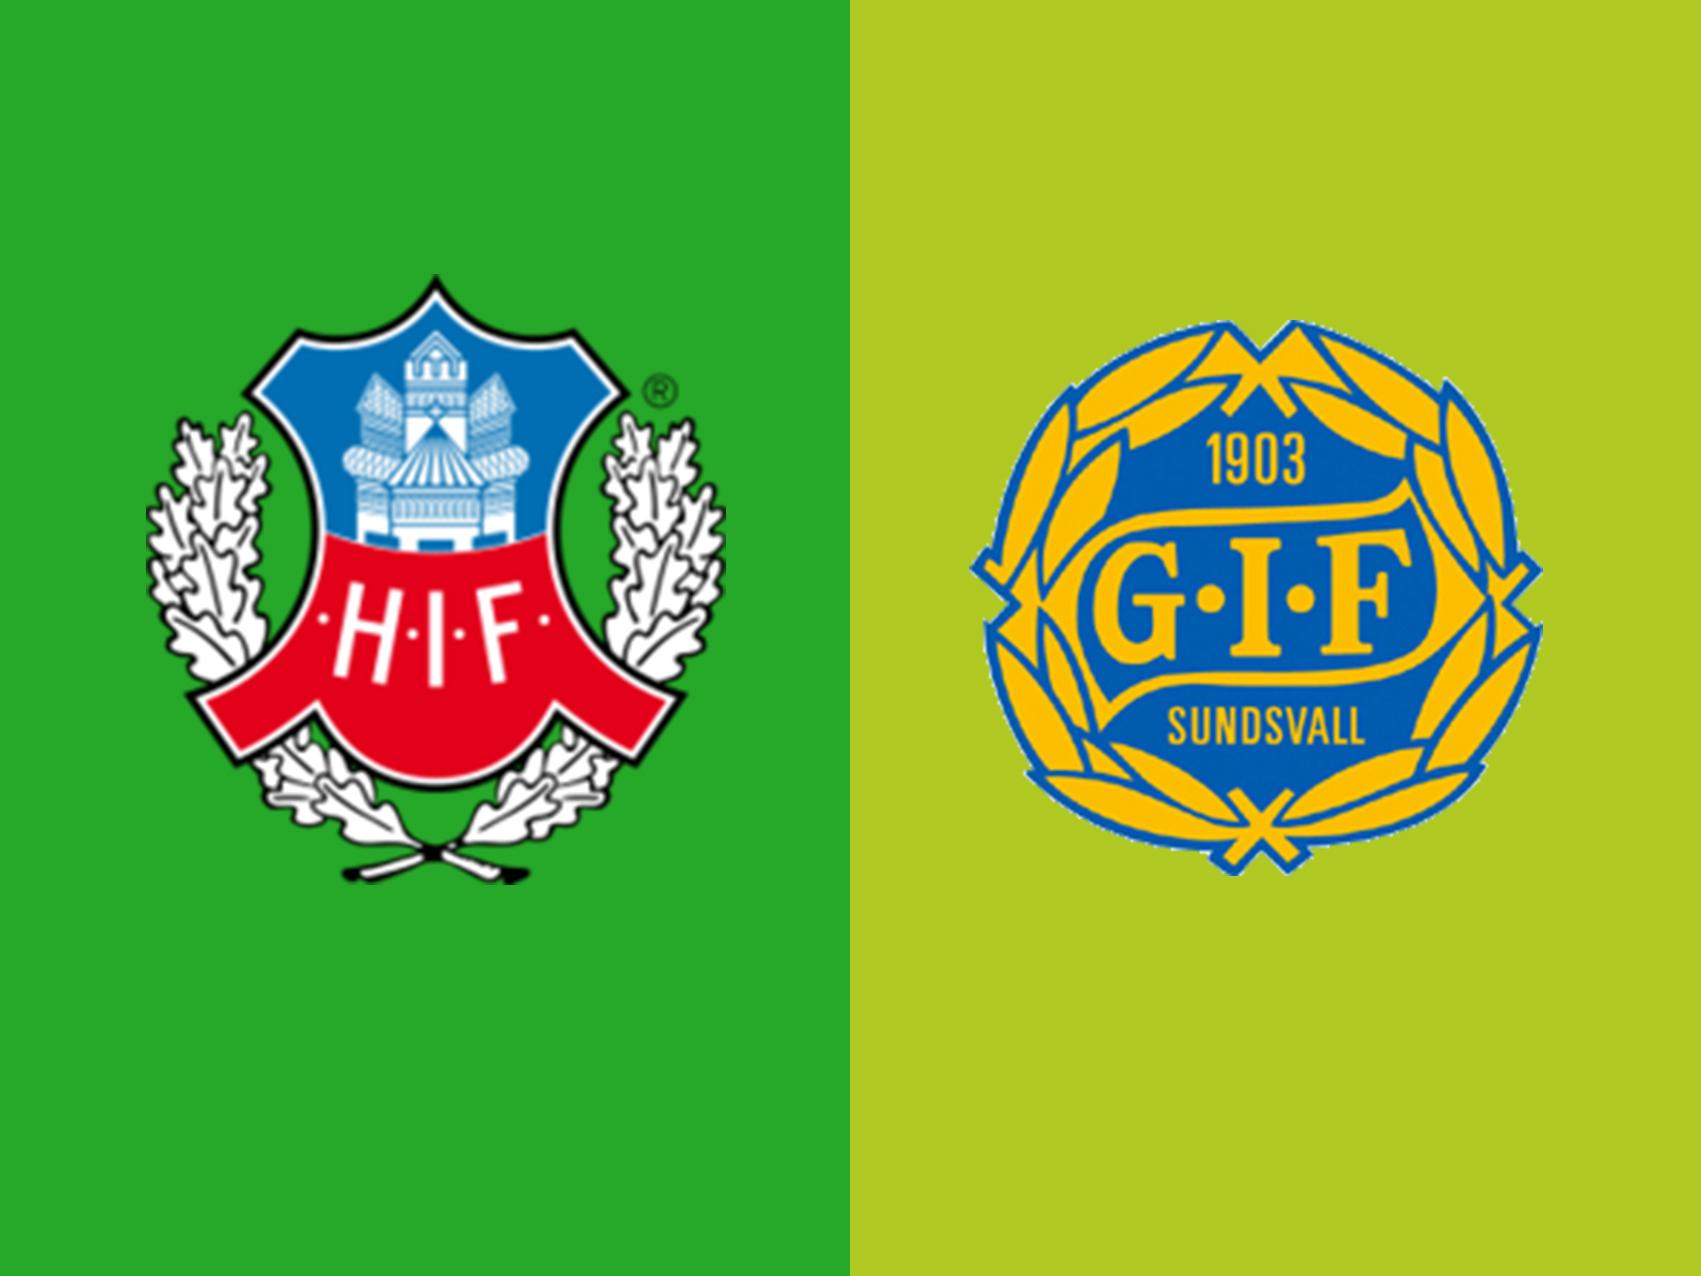 helsingborgs-vs-gif-sundsvall-tip-bong-da-26-4-2019 1